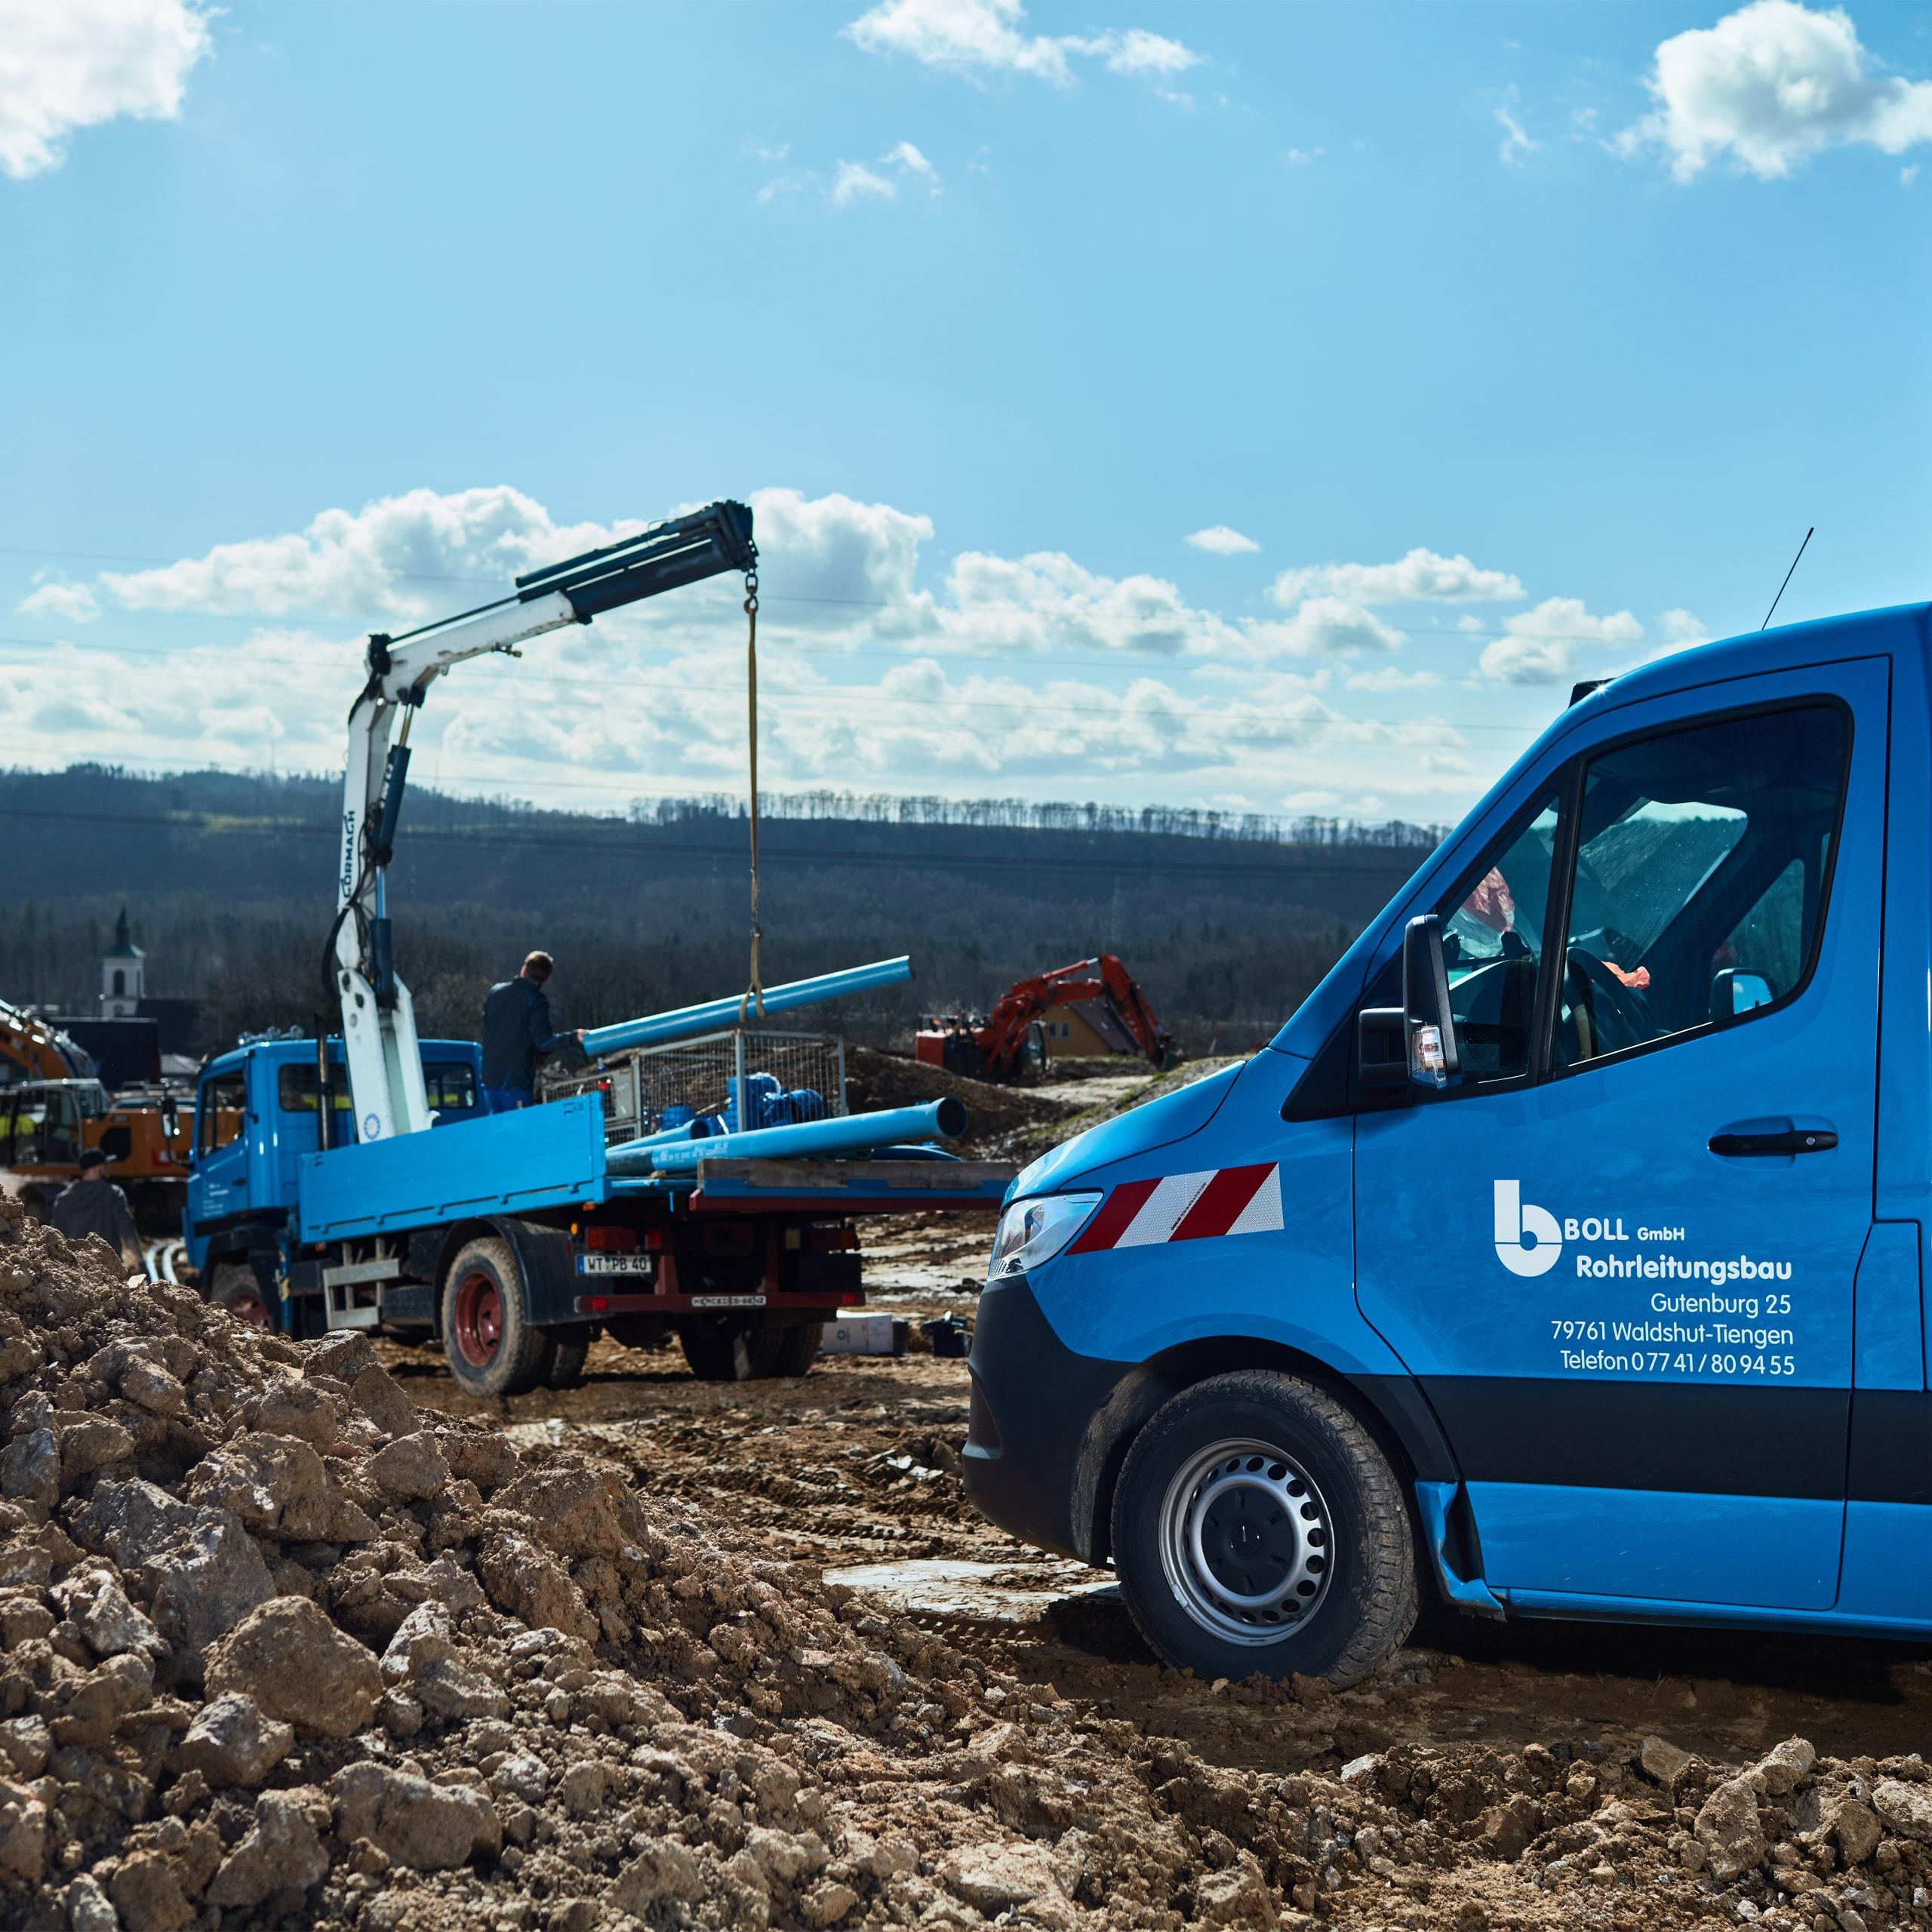 Fahrzeuge Boll Rohrleitungsbau auf einer Baustelle